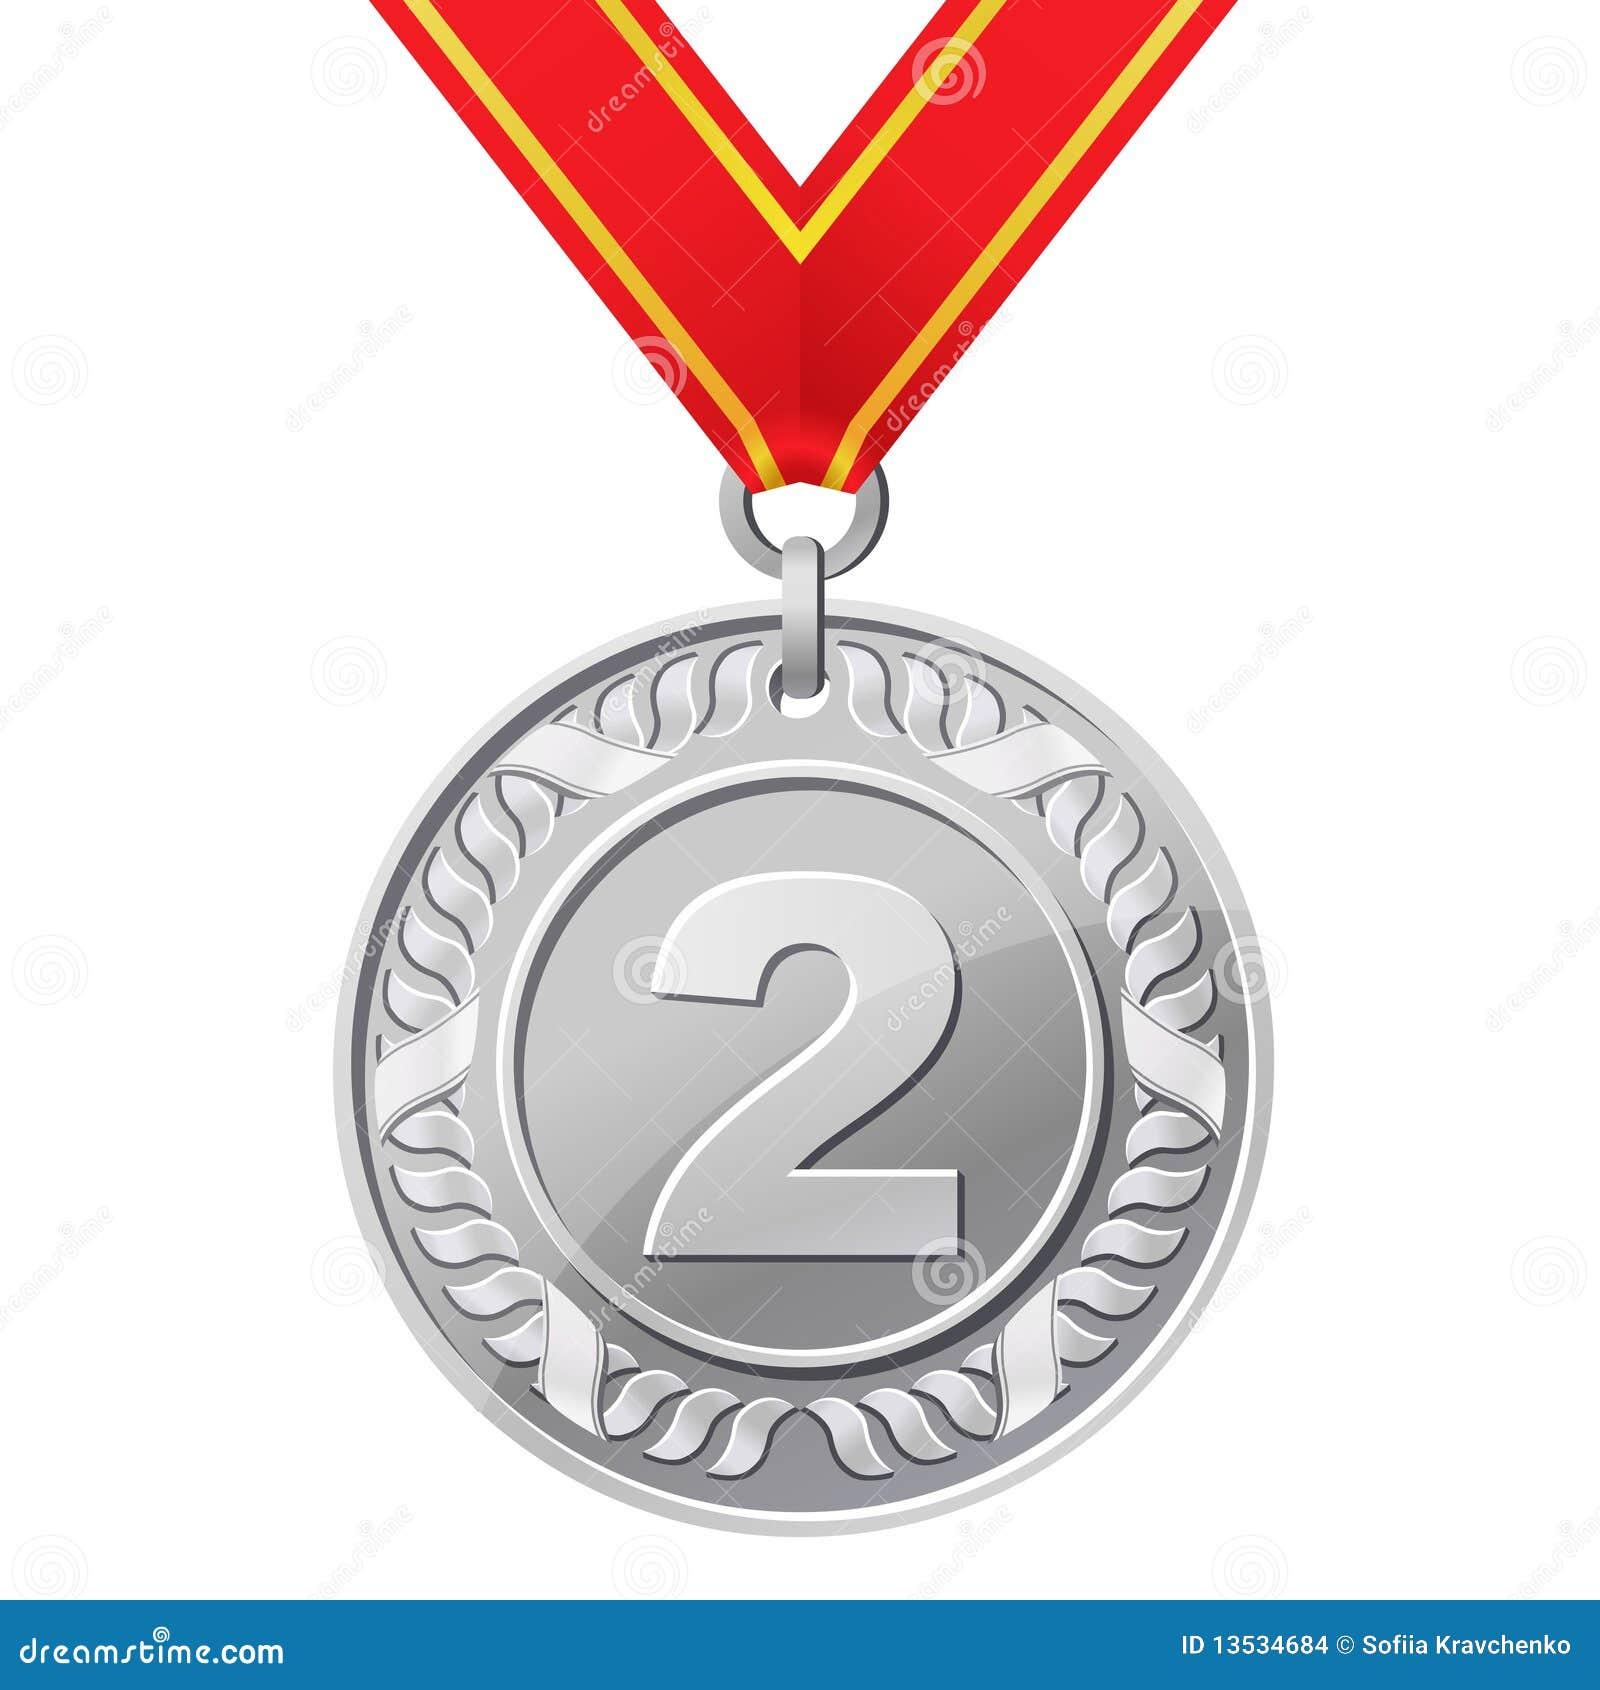 Medaglia d'argento illustrazione vettoriale. Illustrazione di successo -  13534684